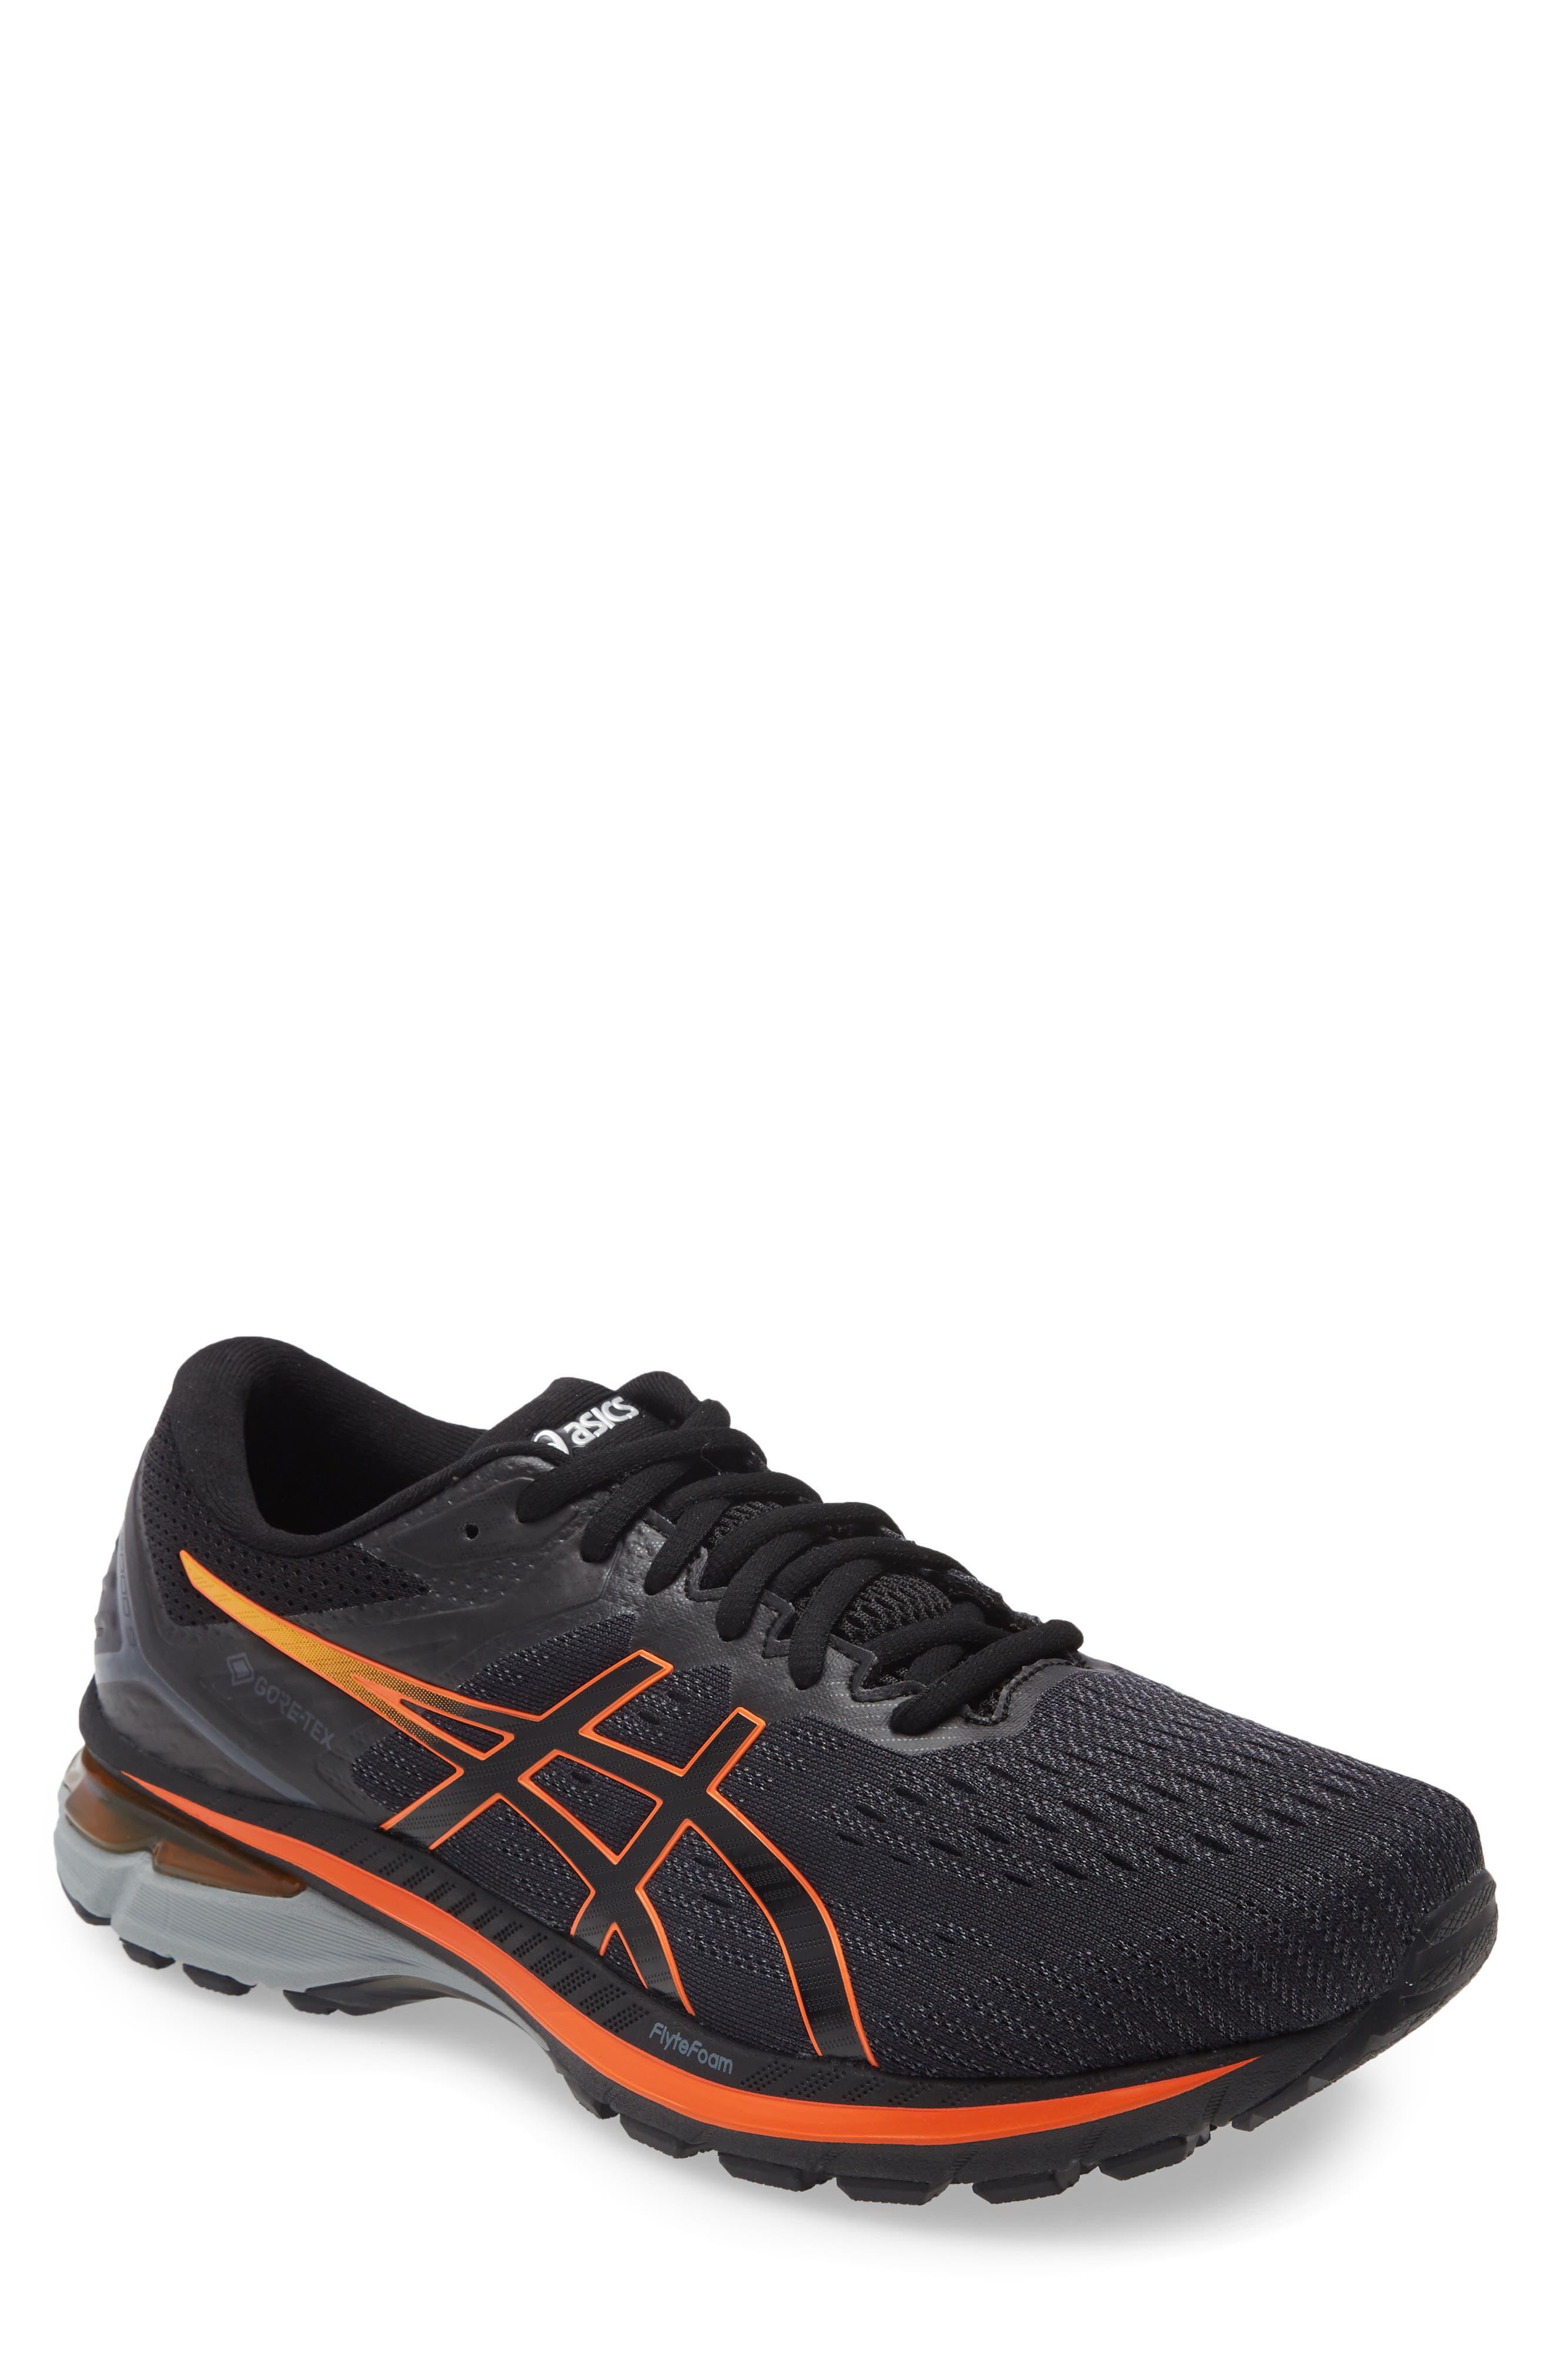 Men's Asics Gt-2000 9 Gore-Tex Waterproof Running Shoe